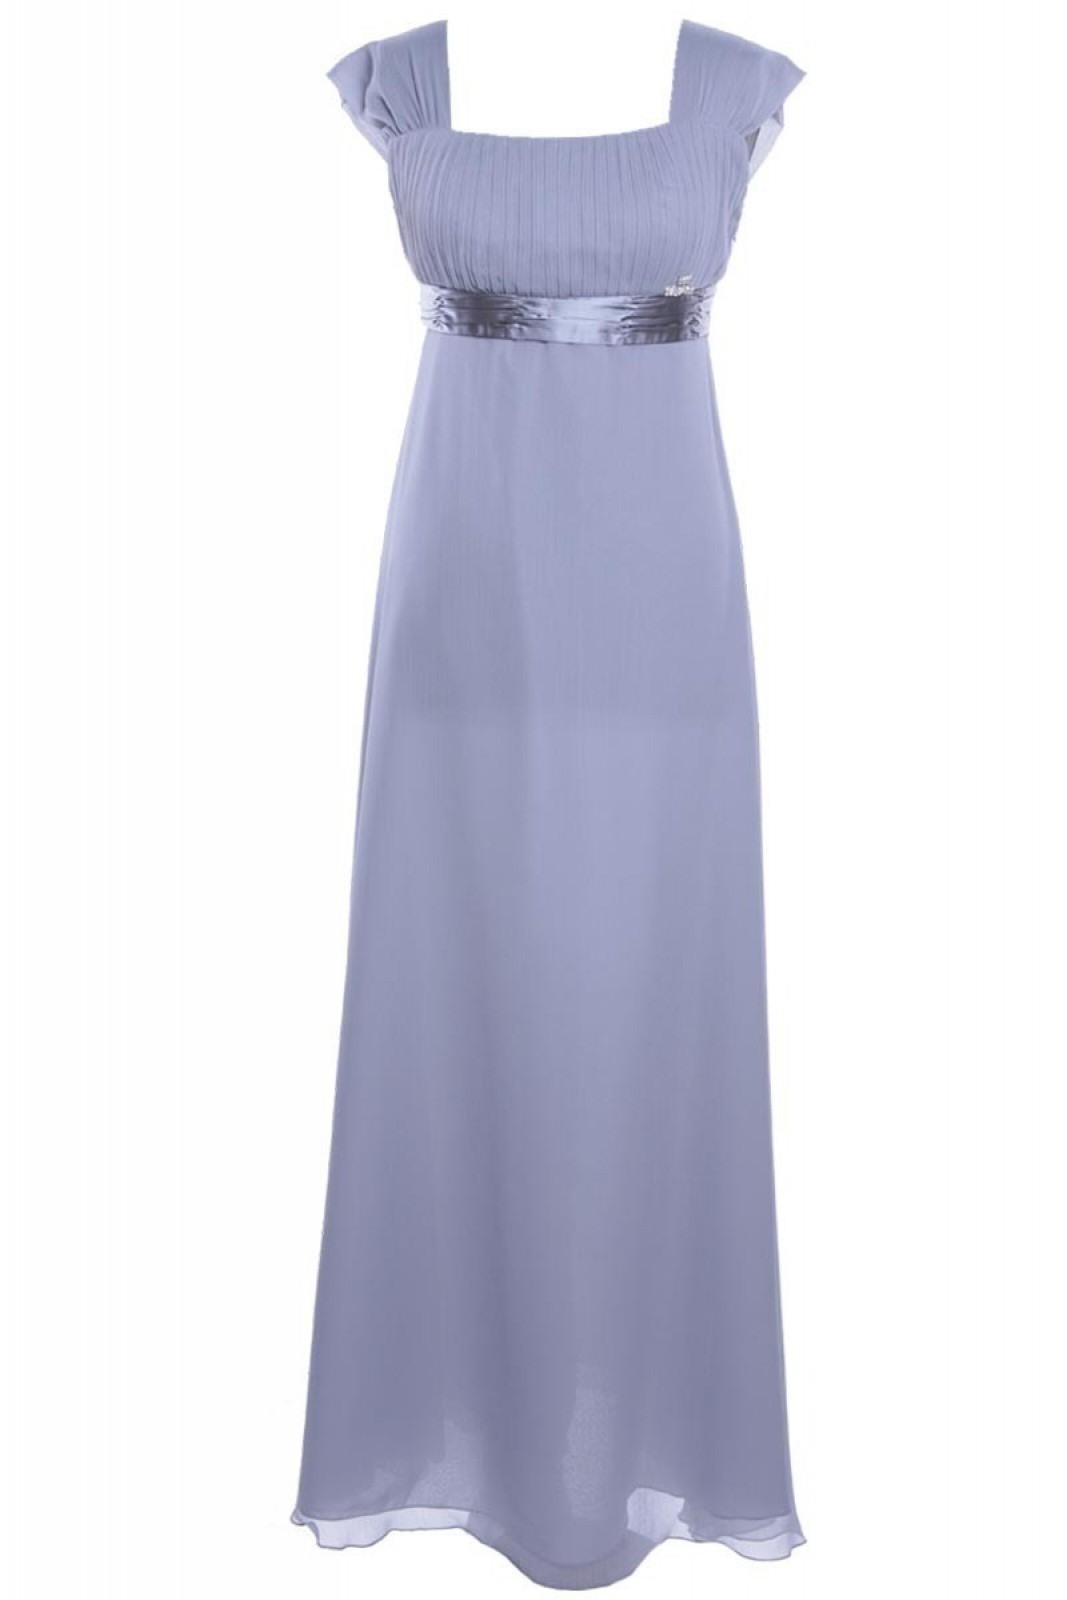 Abend Kreativ Langes Kleid Hellblau Spezialgebiet15 Großartig Langes Kleid Hellblau für 2019